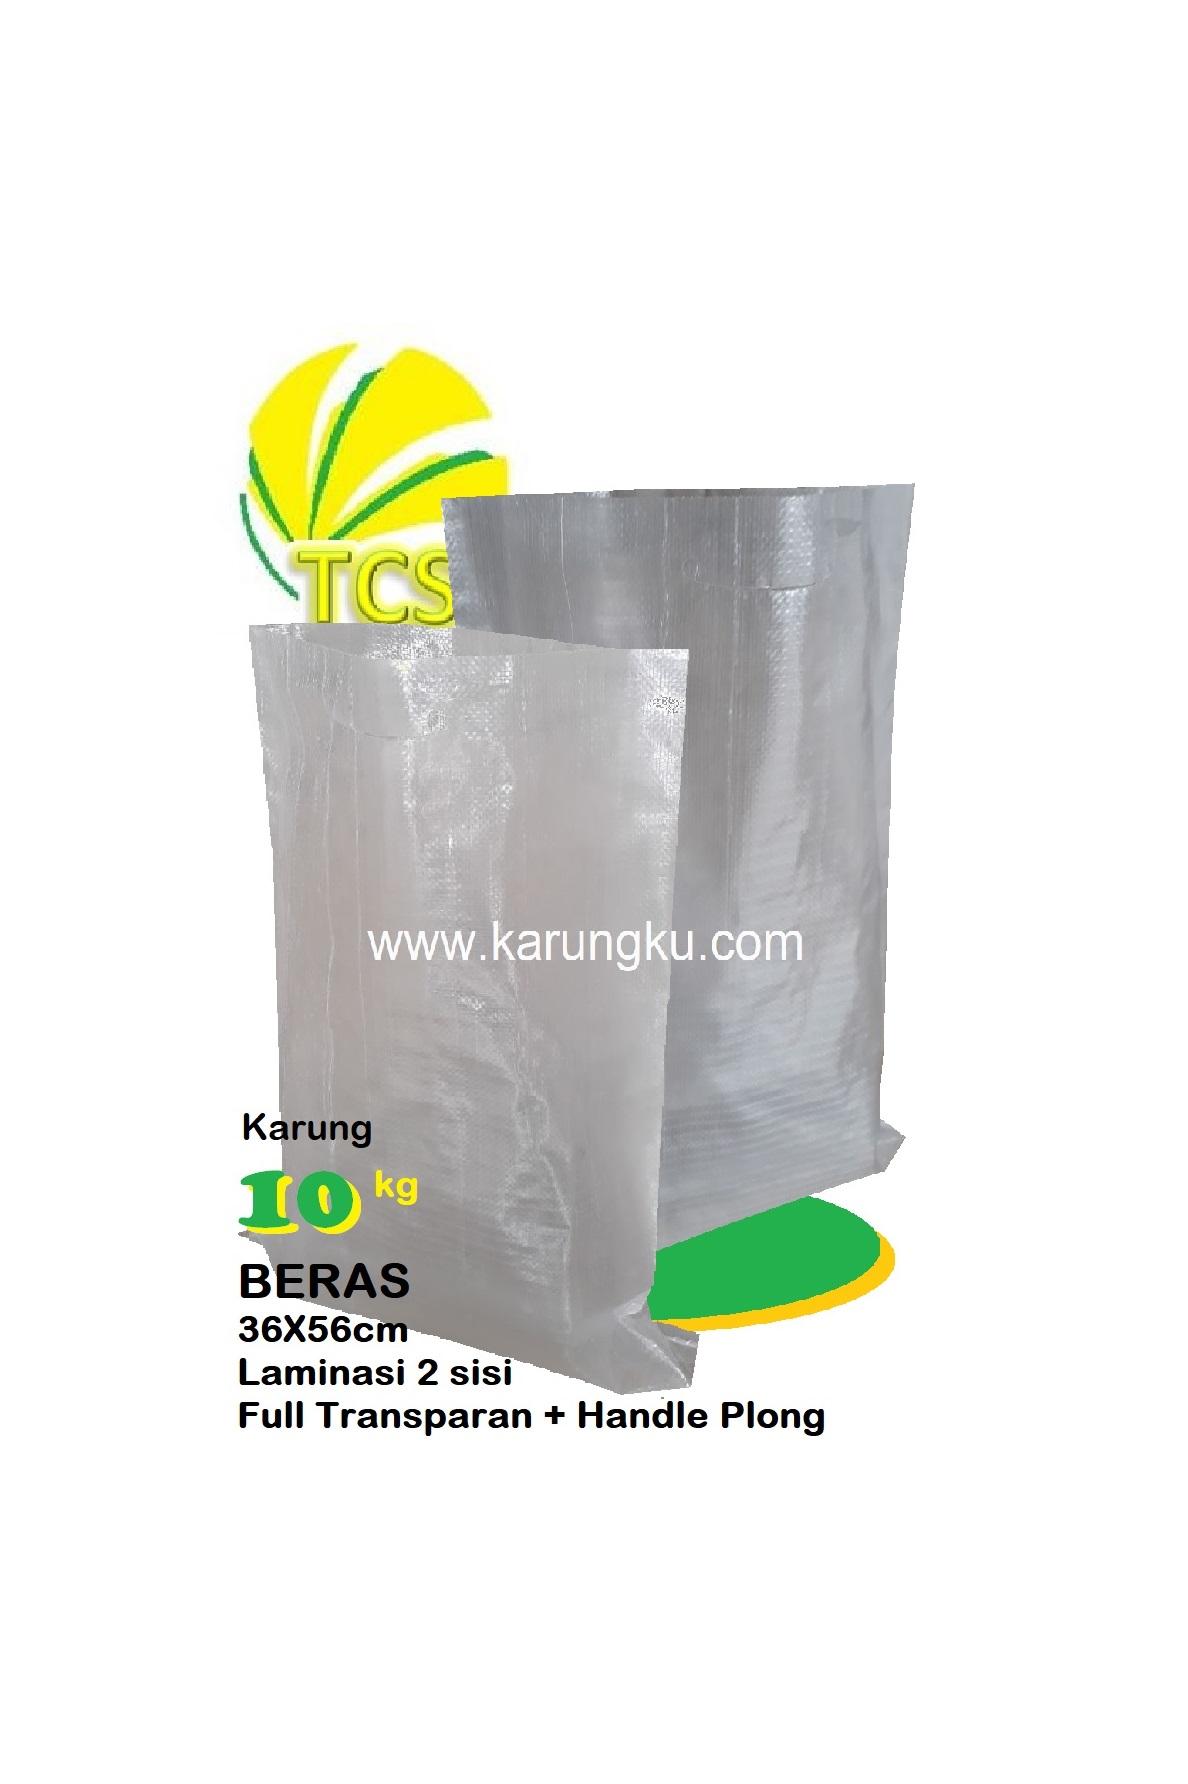 10kgL-d